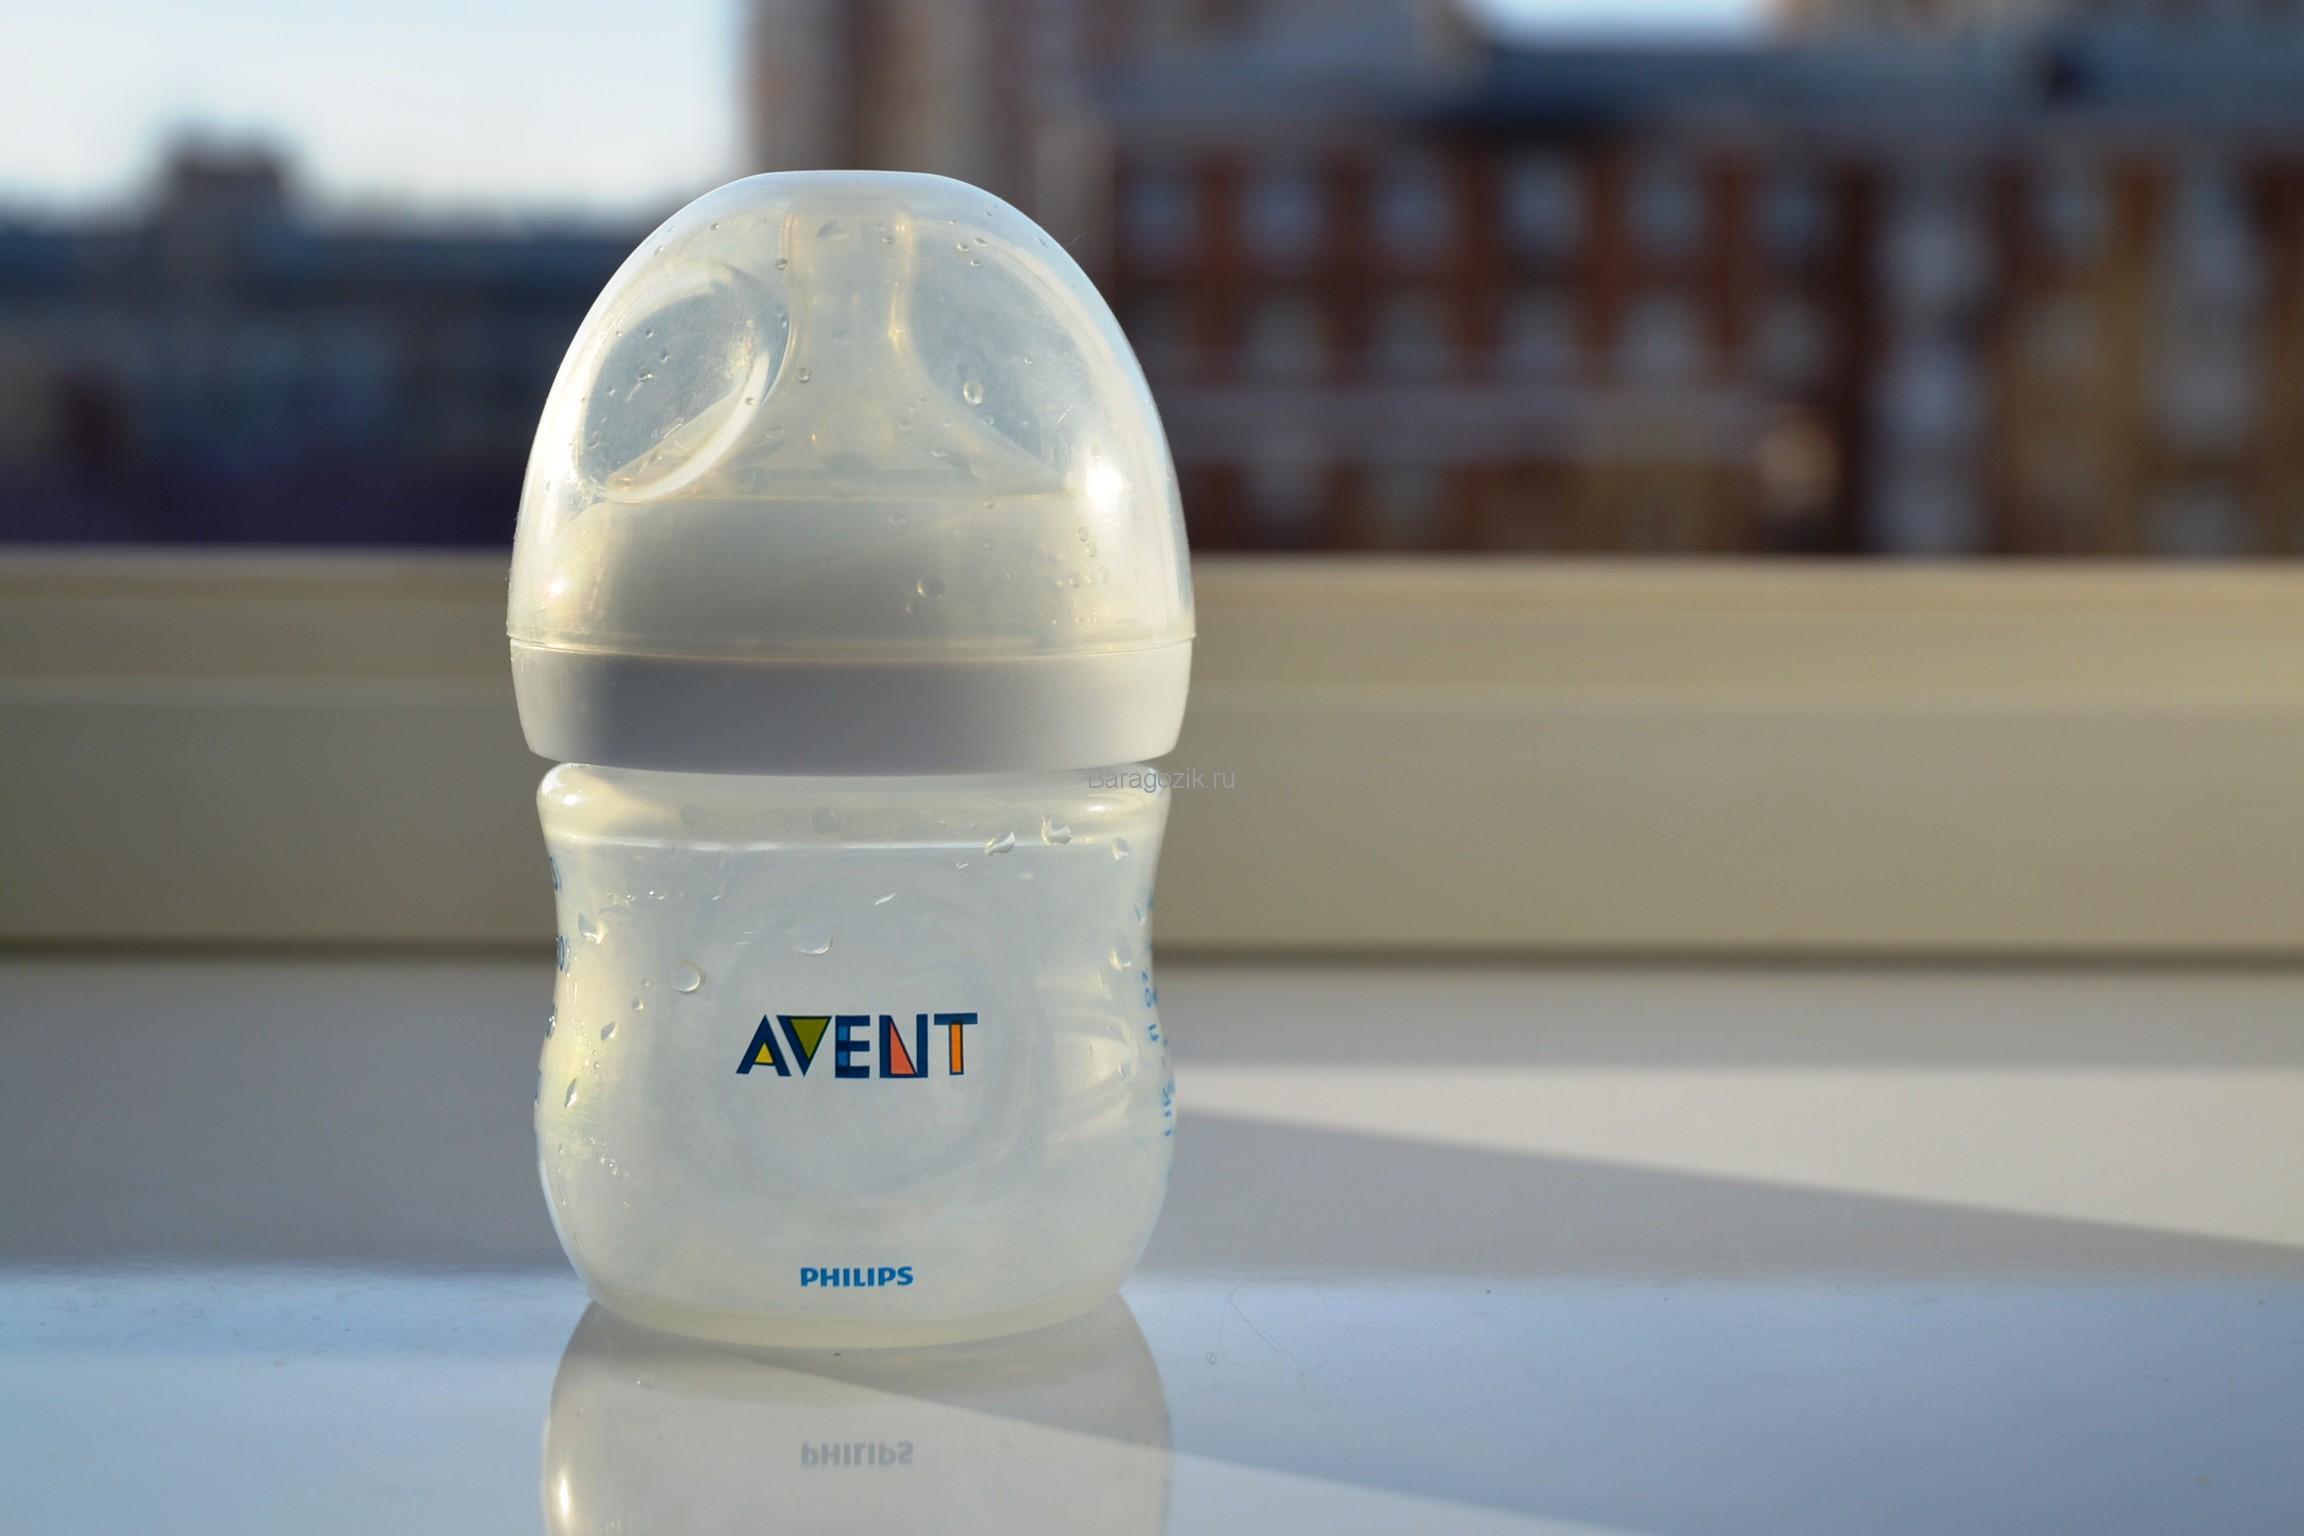 Как стерилизовать бутылочку авент в домашних условиях